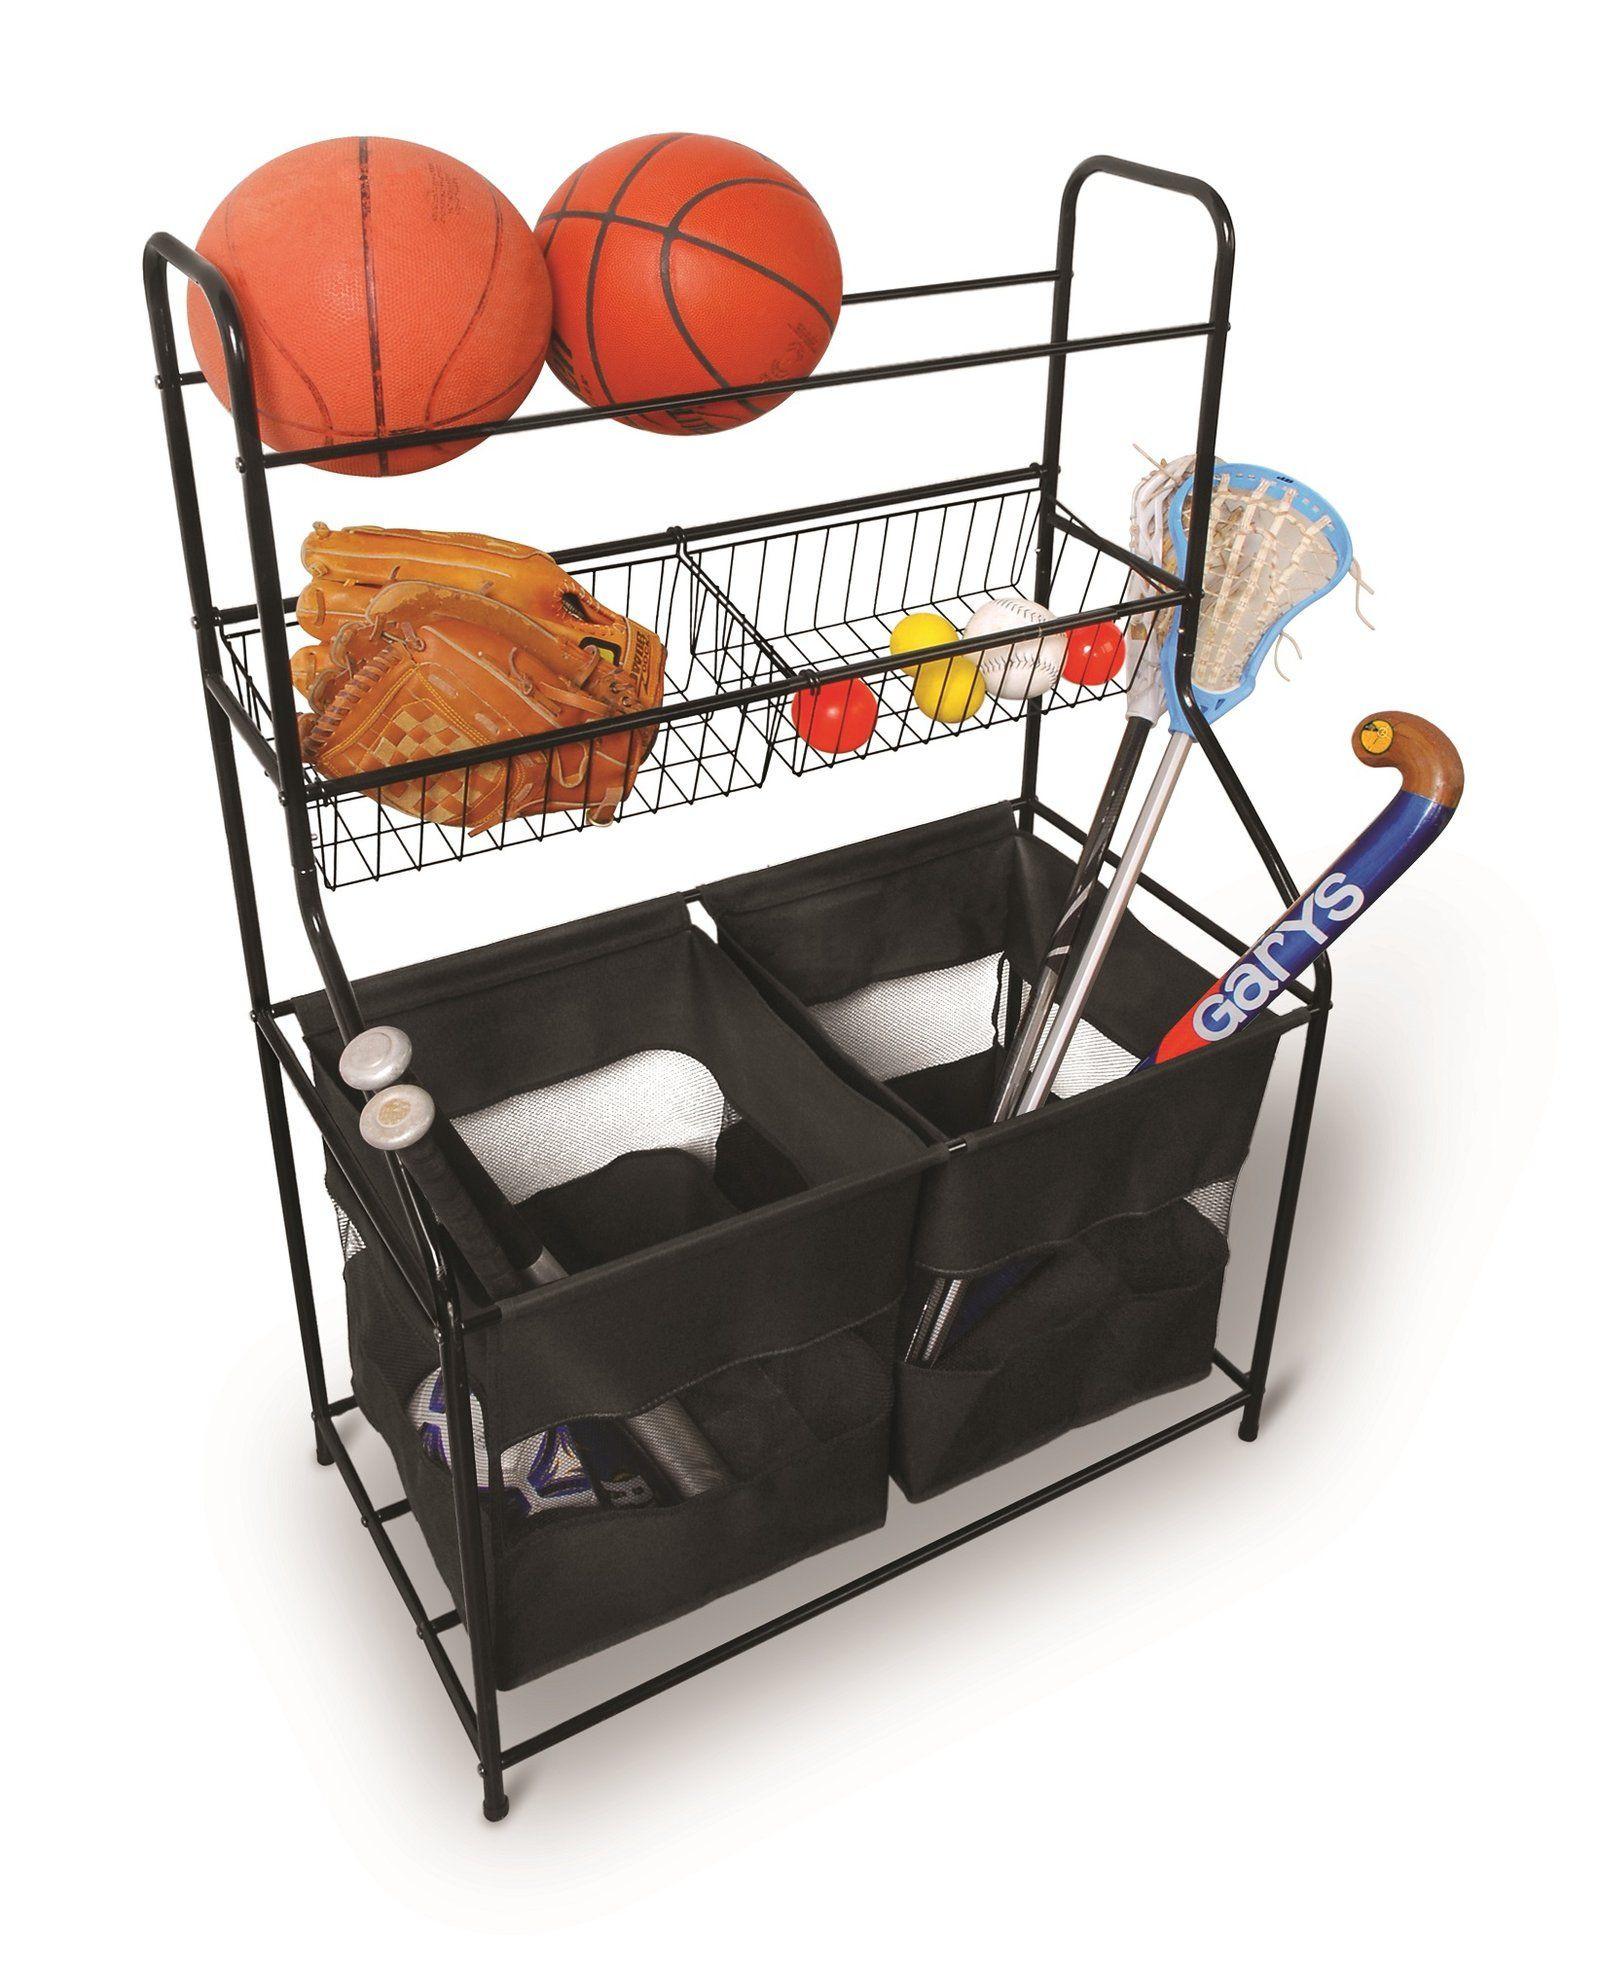 Sports Equipment Organizer For Garage  Sterling Storage Organizer Freestanding Sports Rack